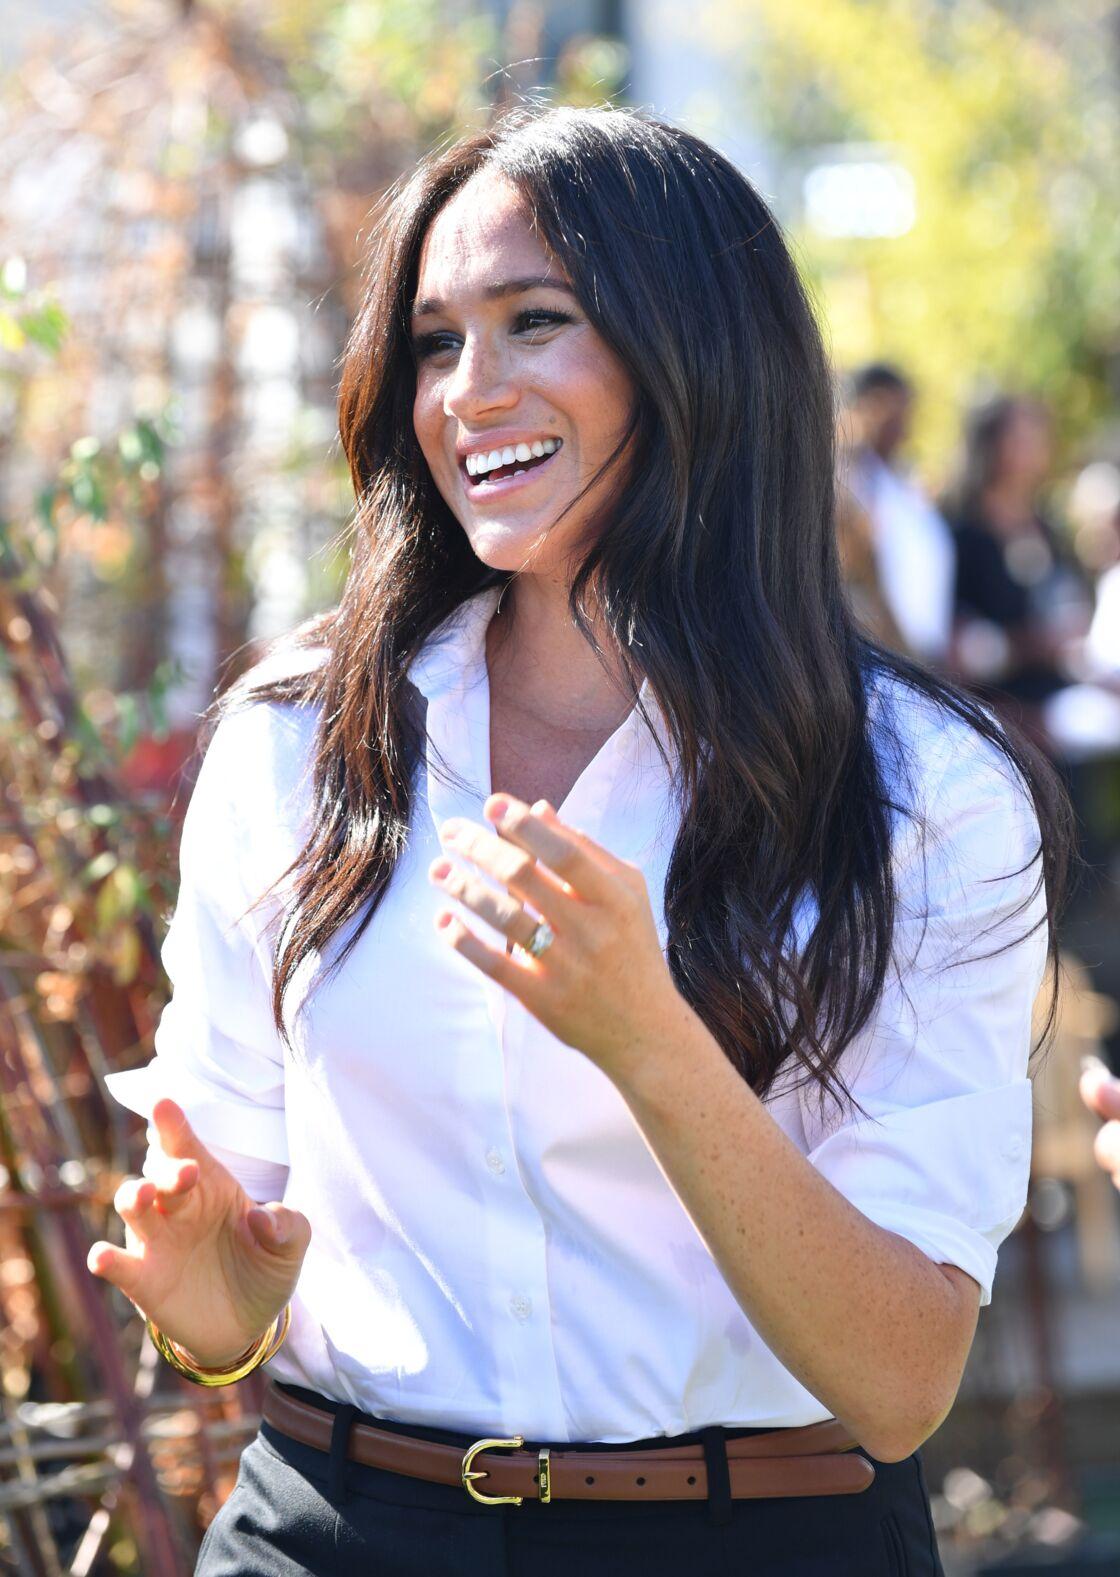 Meghan Markle affiche avec fierté sa bague de fiançailles, le 12 septembre dernier à Londres.